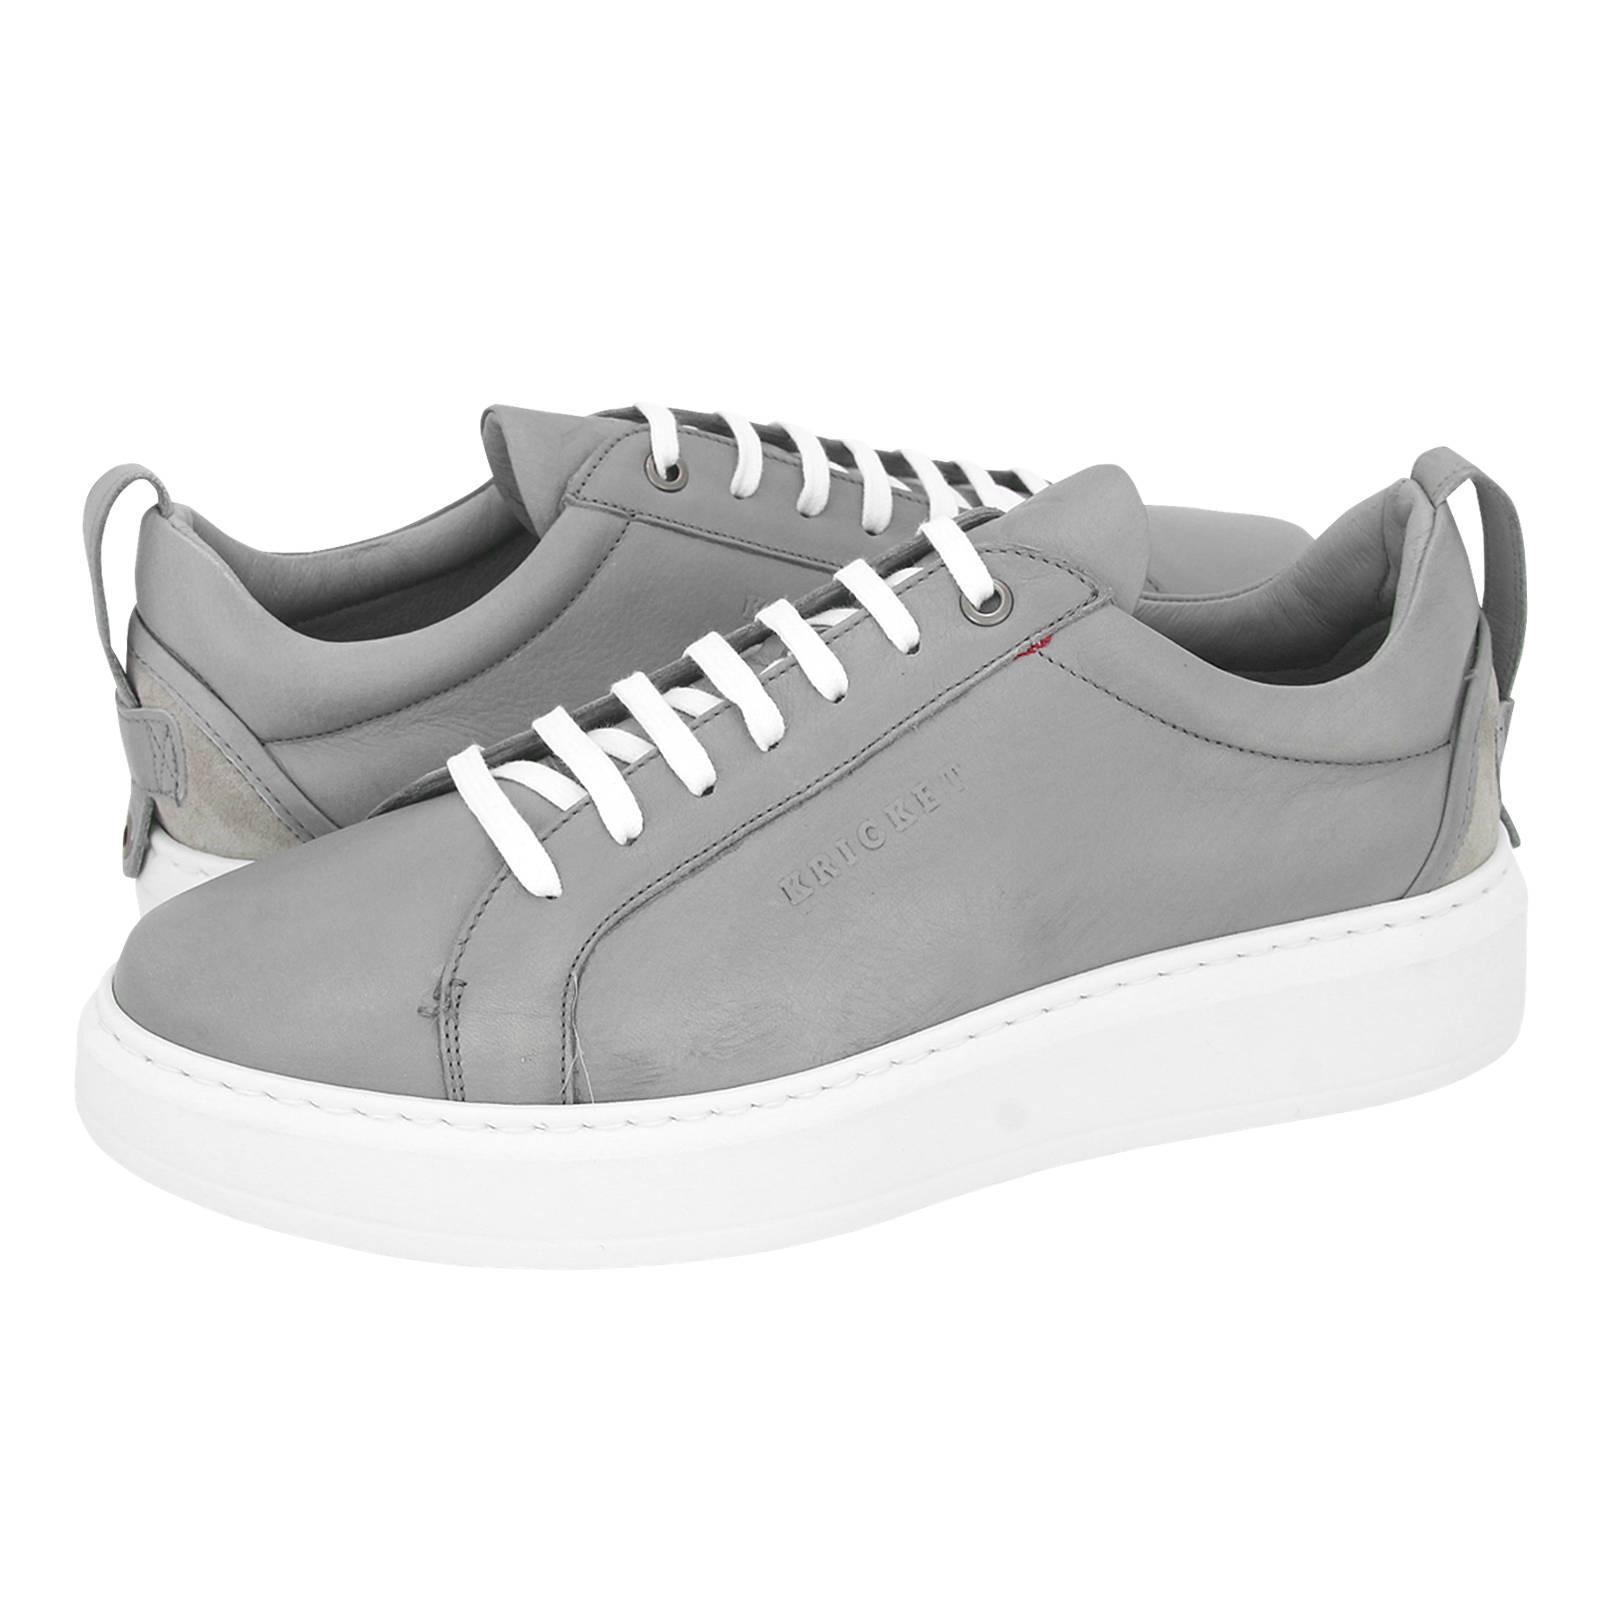 Colbun - Kricket Men's casual shoes